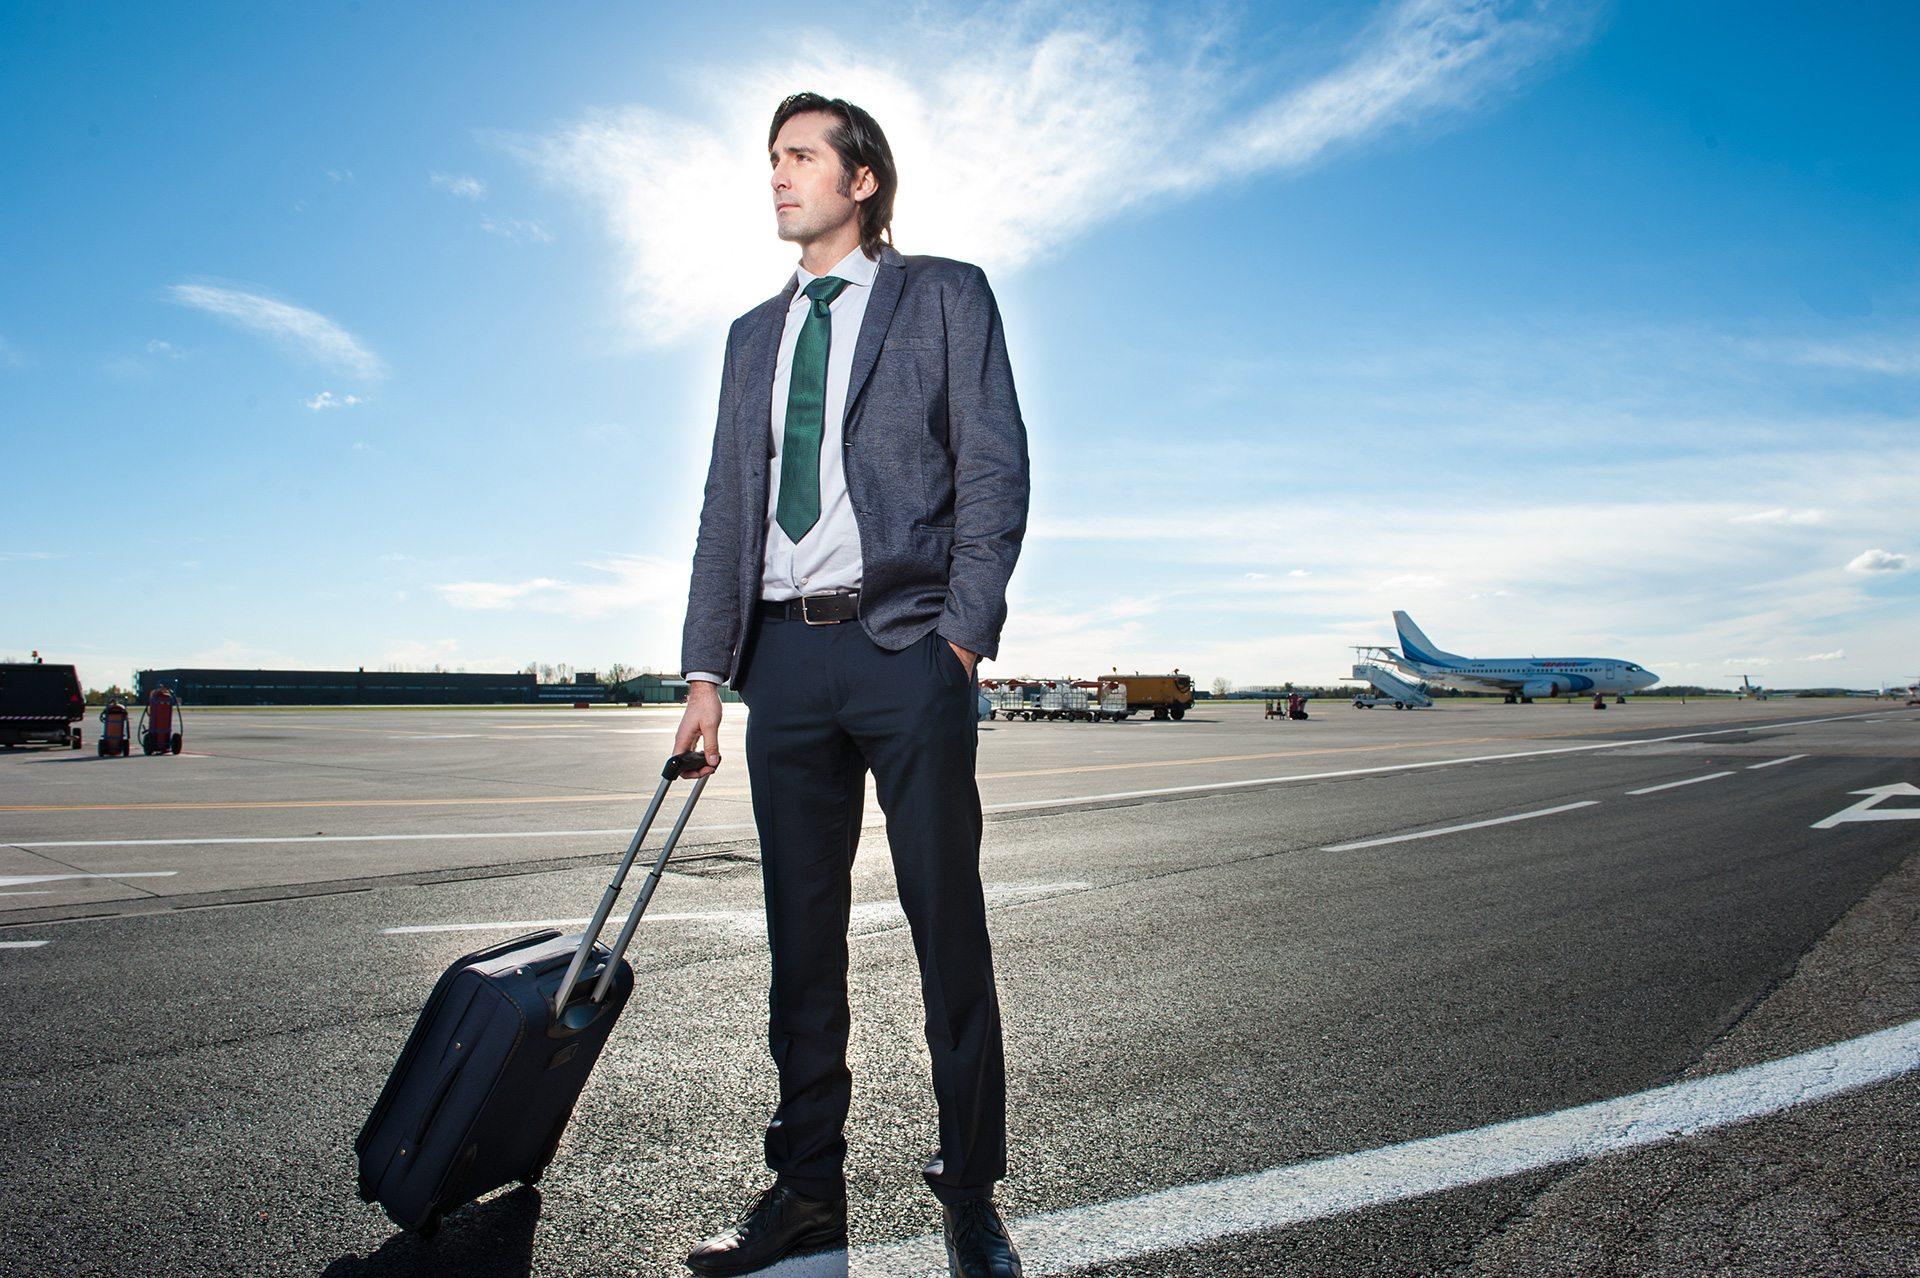 partenze aeroporto fotografa francesca bottazzin